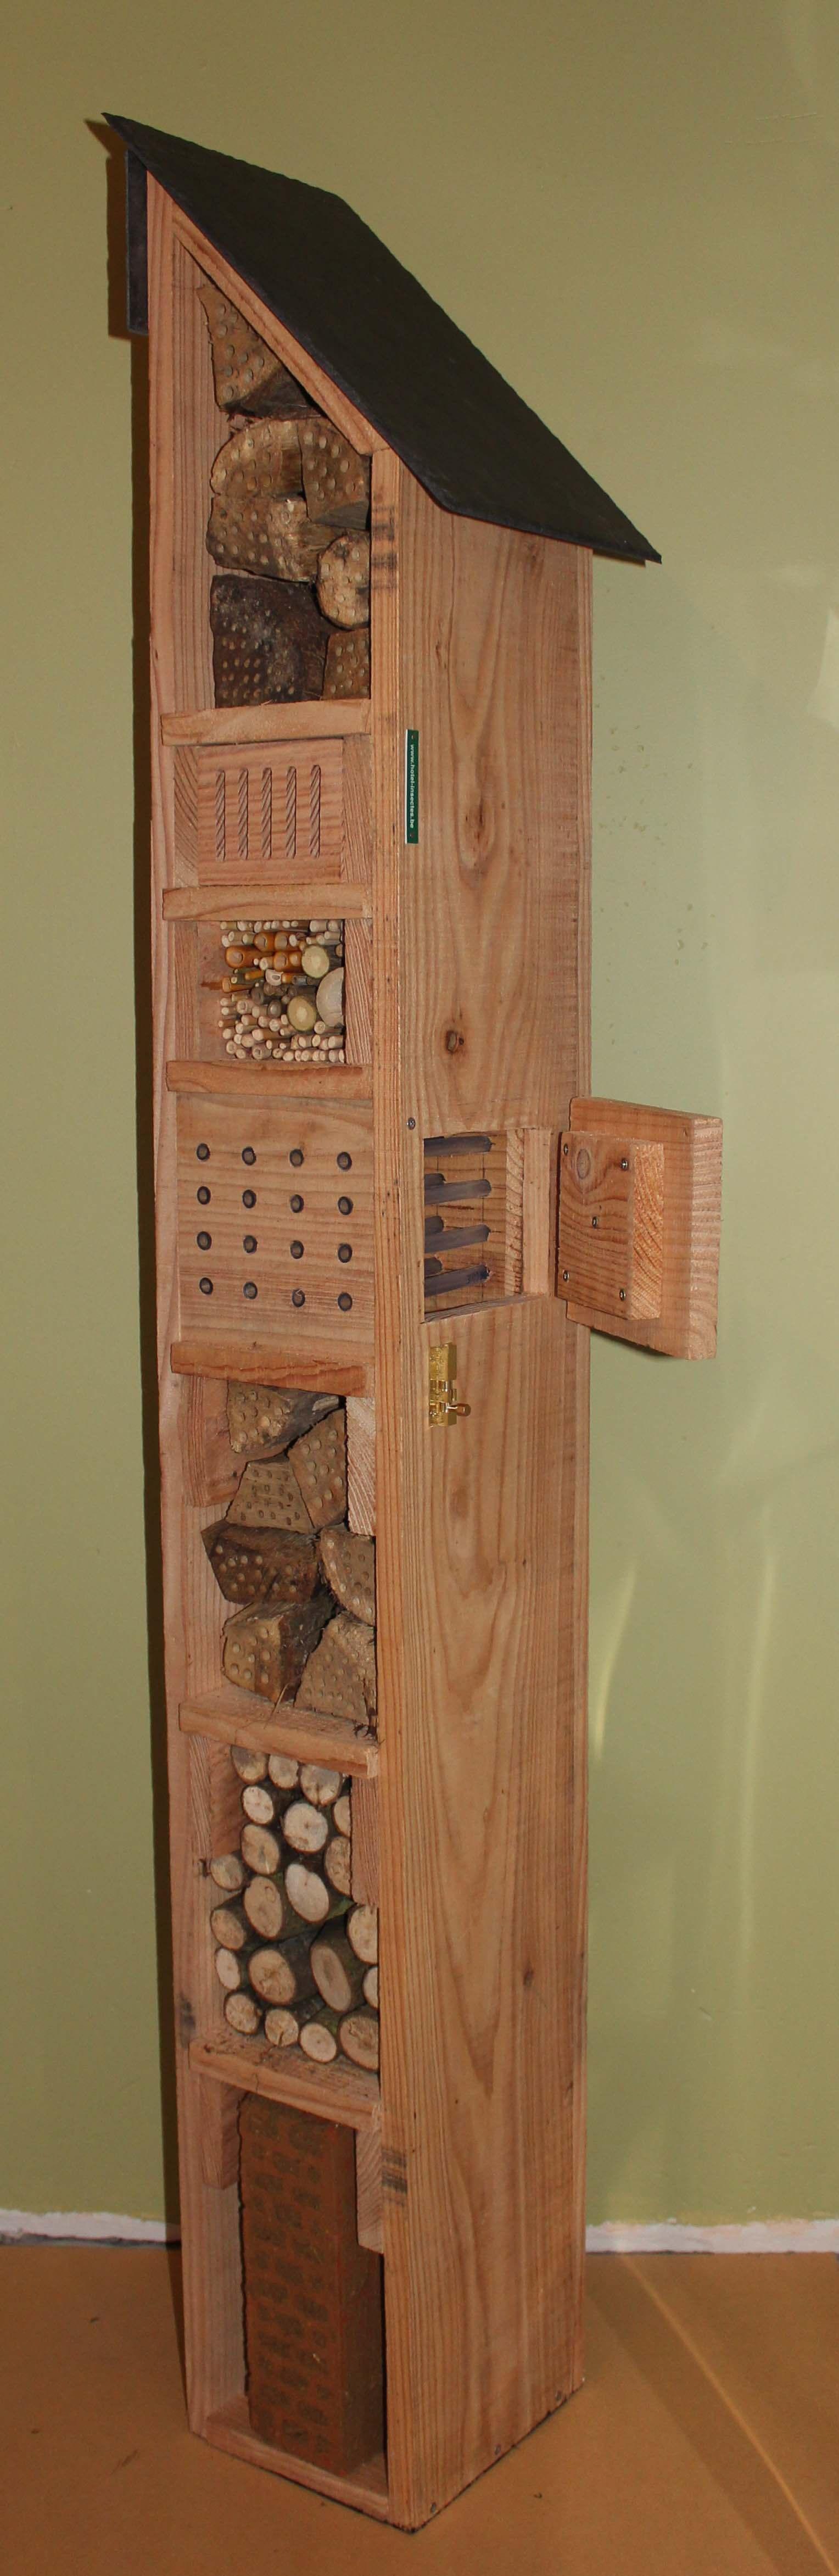 Hôtel à abeilles sauvages